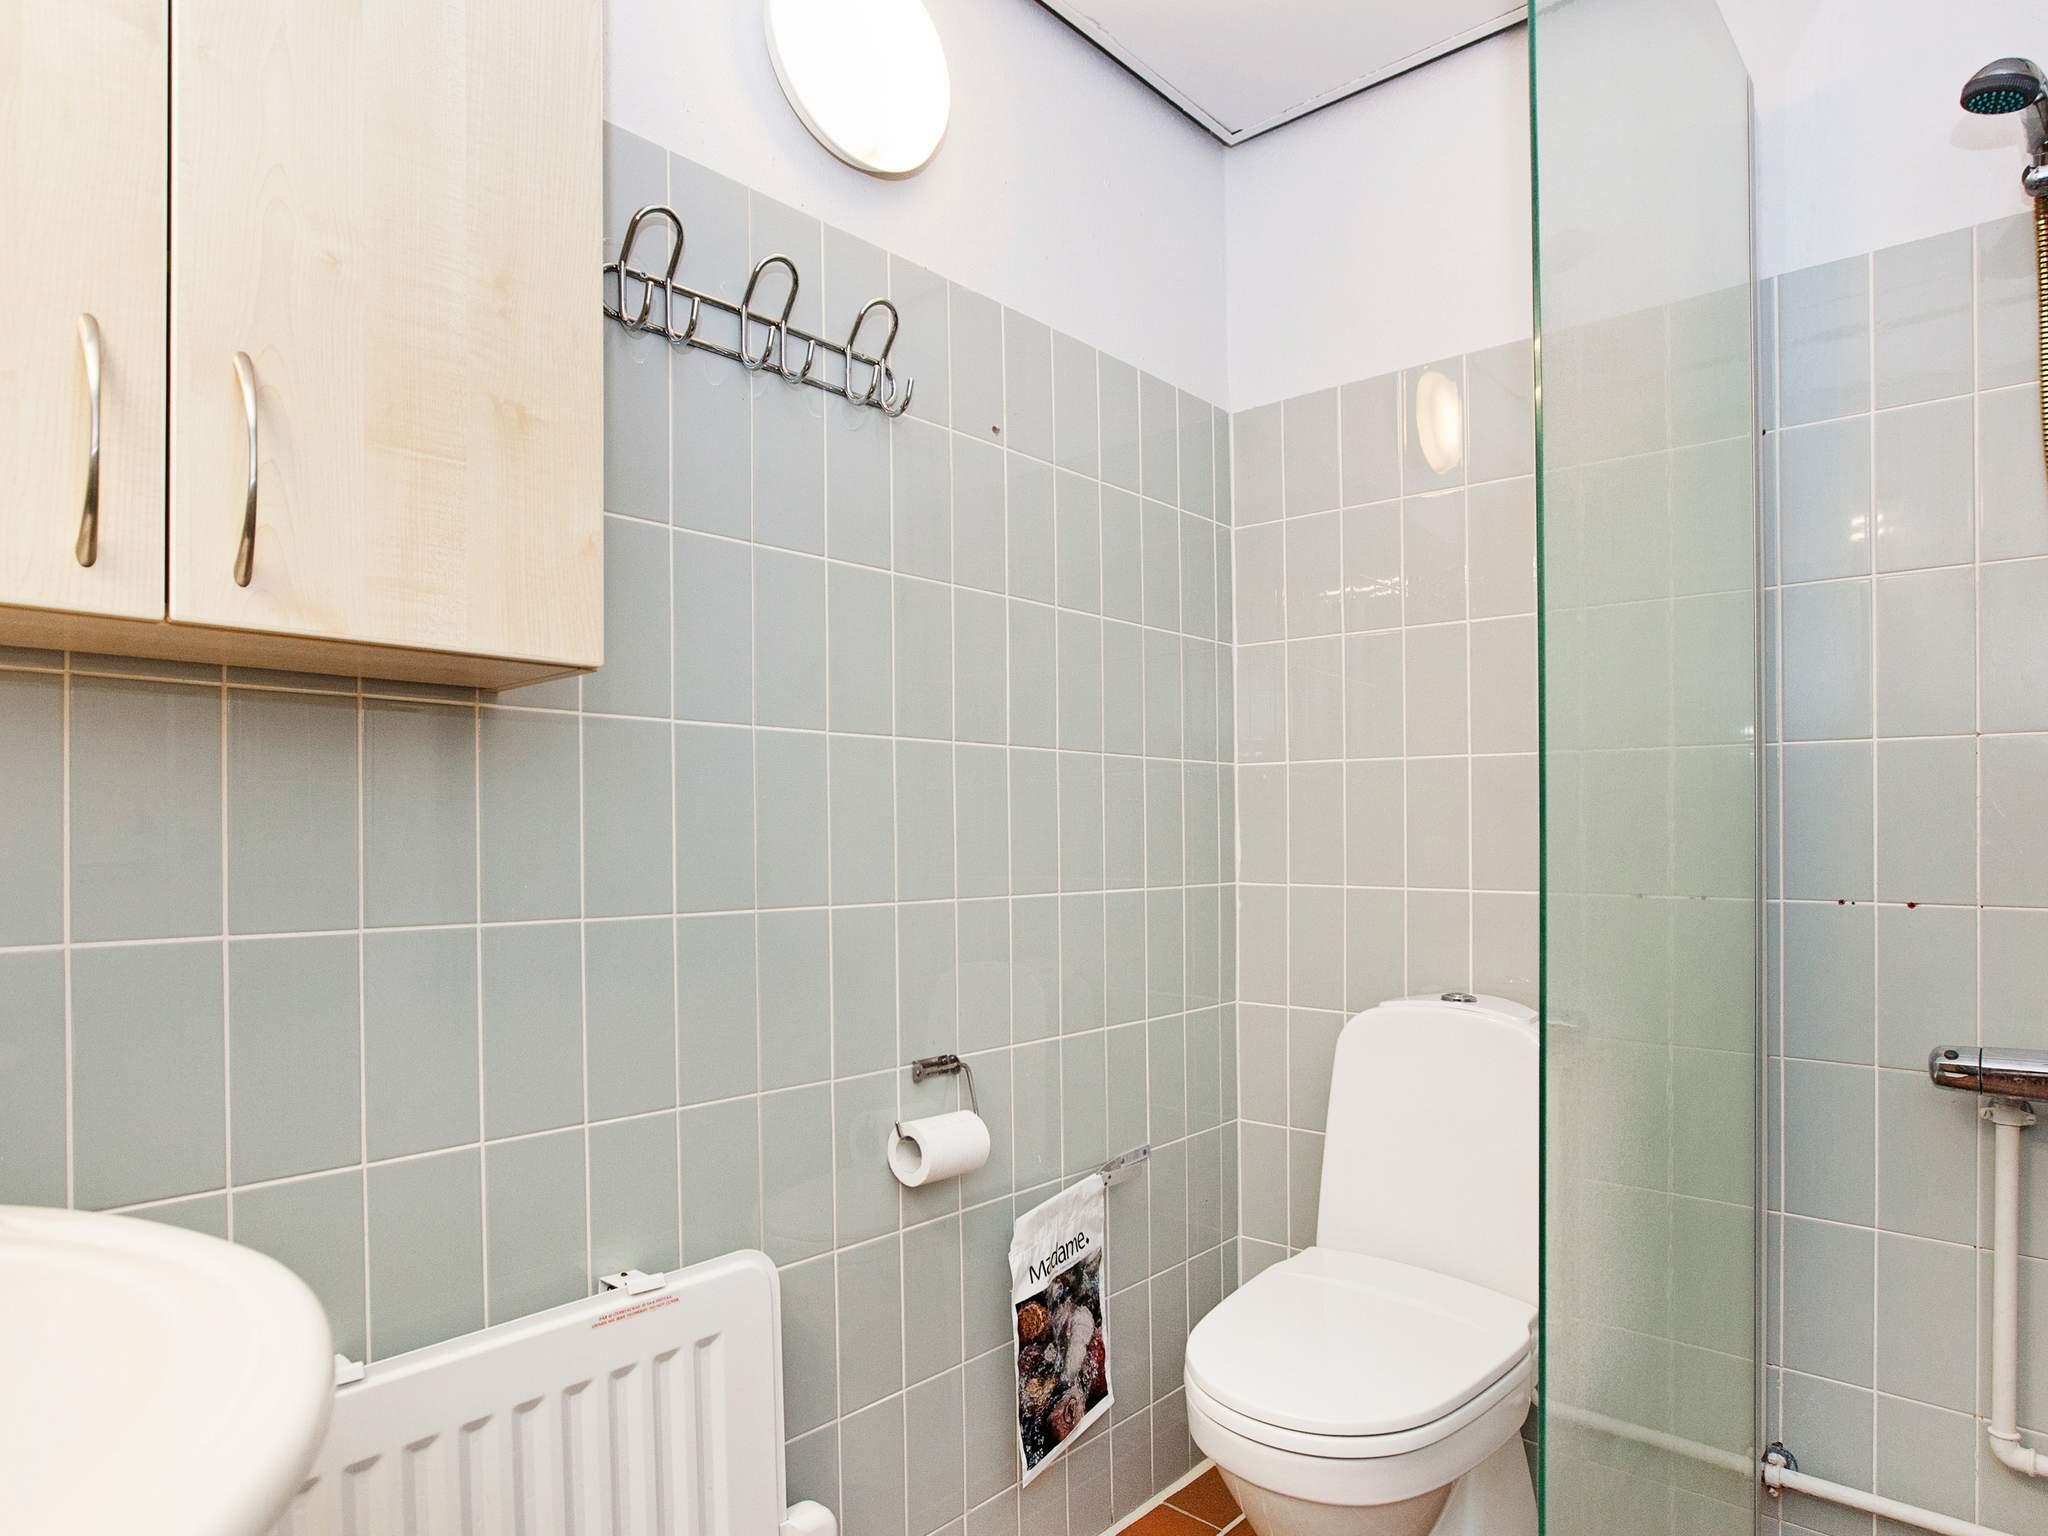 Ferienwohnung Hirtshals - Typ 1 - 2 Zimmer m/Meerblick (382686), Hirtshals, , Nordwestjütland, Dänemark, Bild 42